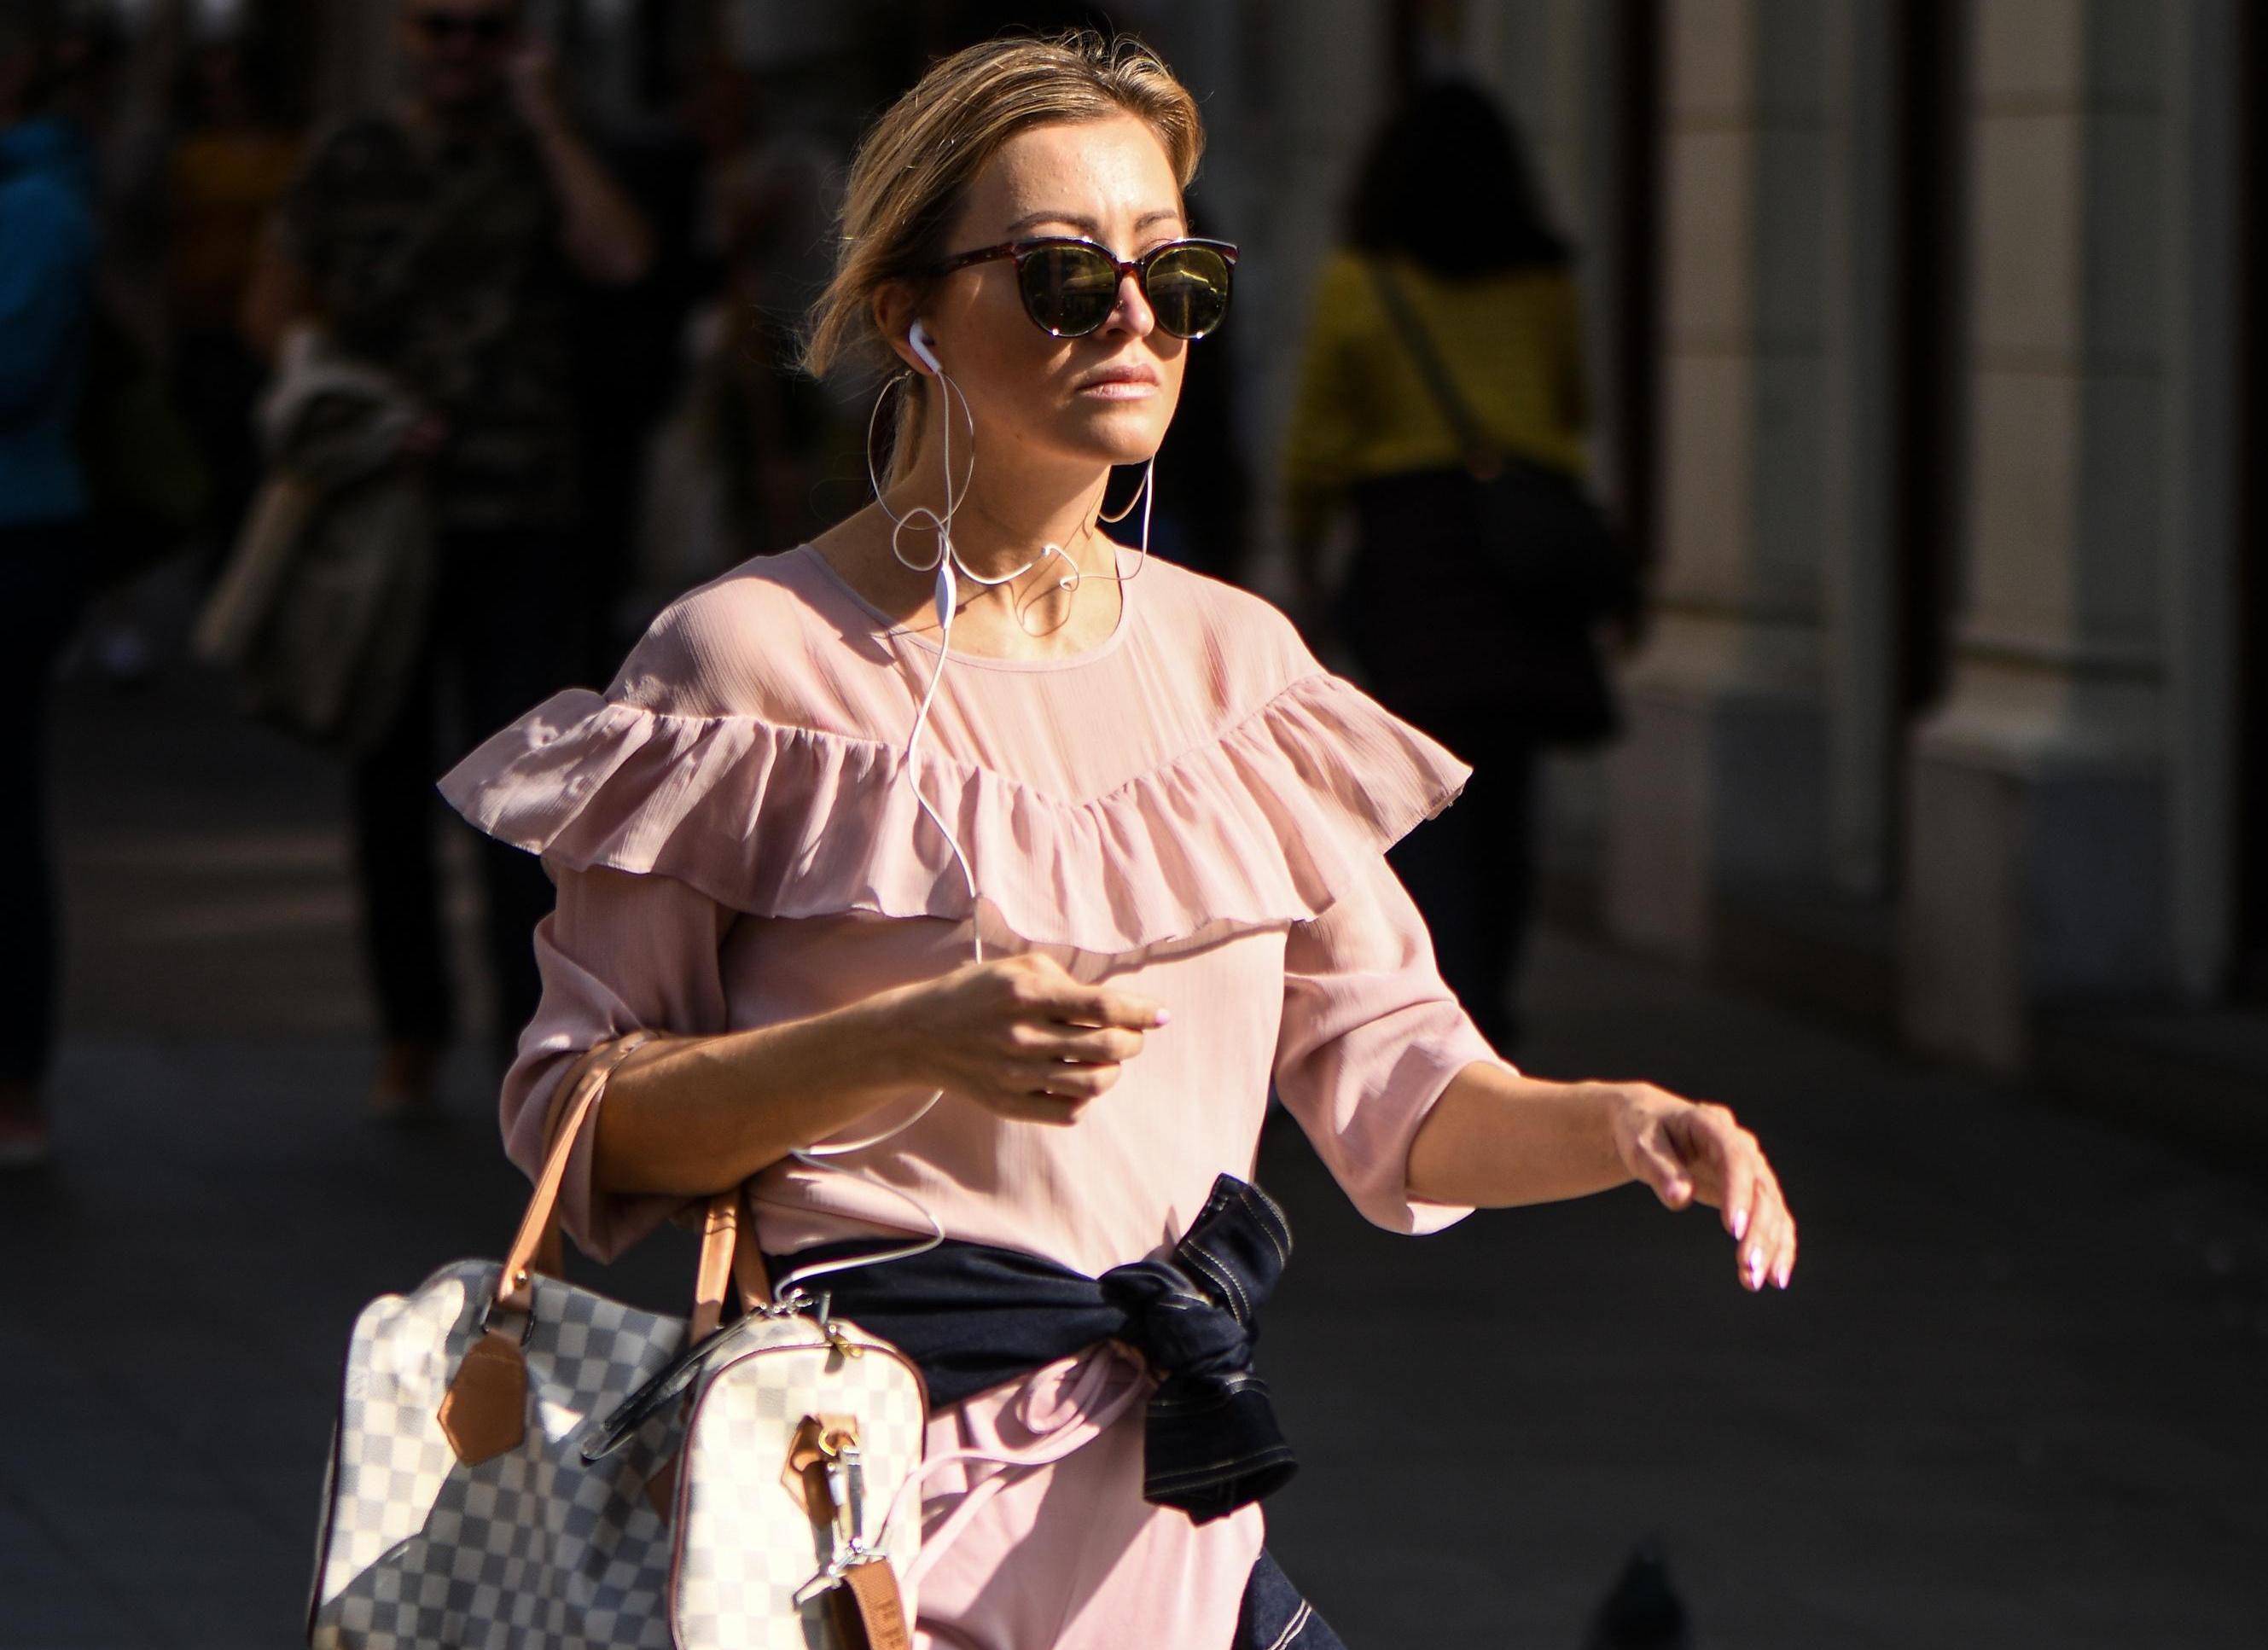 Ova 'plavuša s Harvarda' prošetala je centrom u ružičastom od glave do pete